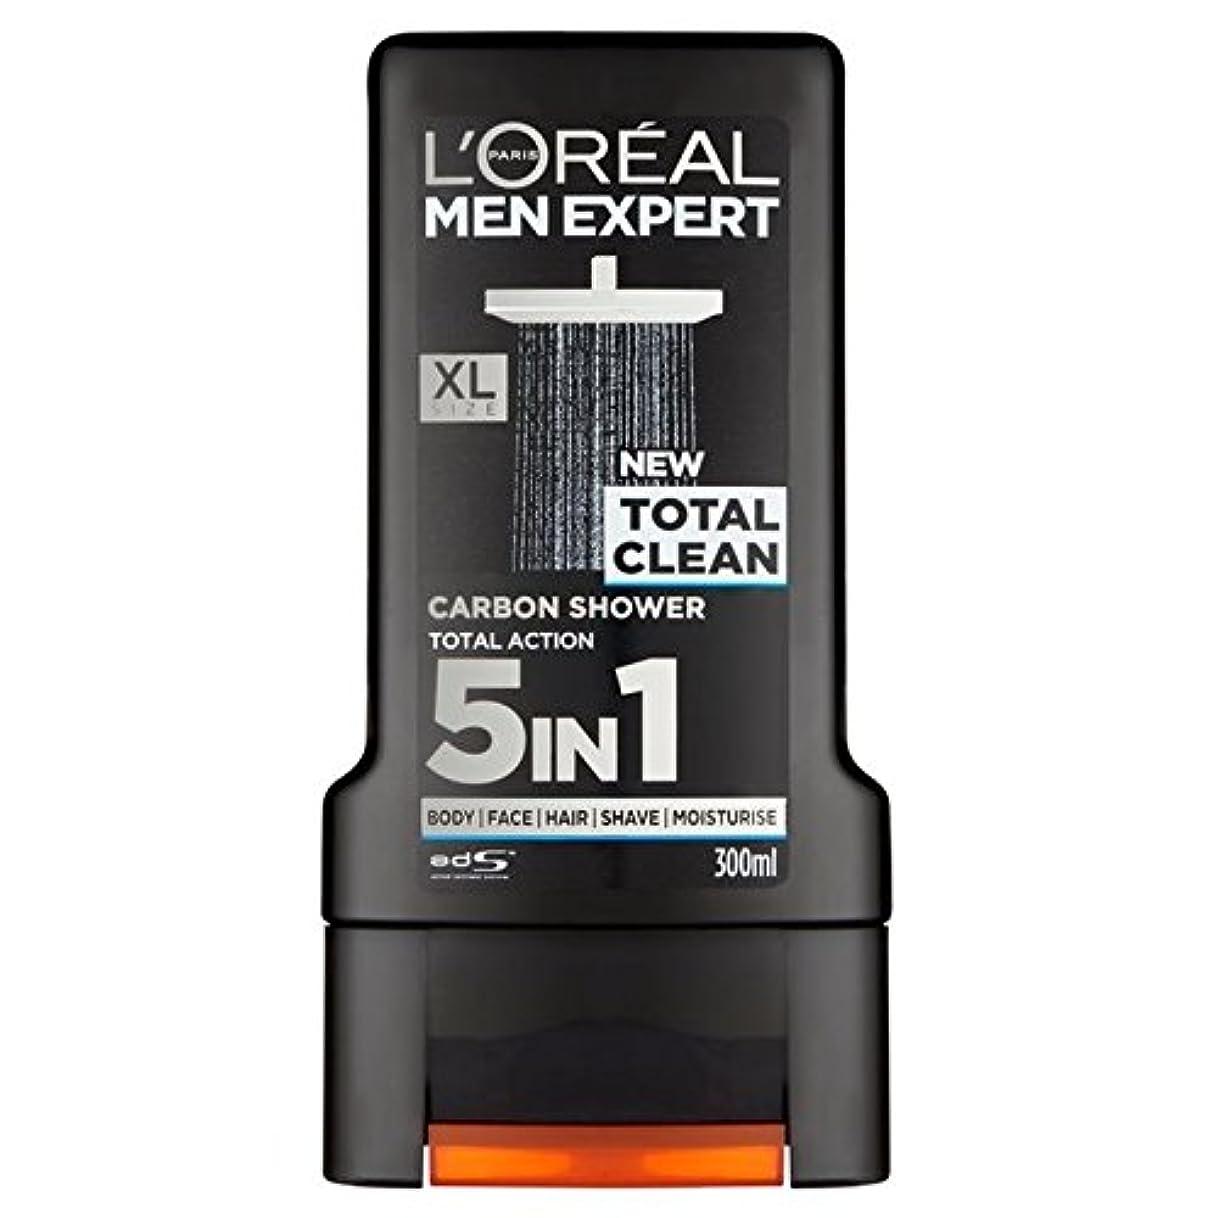 債権者サイレン息切れロレアルパリのメンズ専門トータルクリーンシャワージェル300ミリリットル x4 - L'Oreal Paris Men Expert Total Clean Shower Gel 300ml (Pack of 4) [並行輸入品]